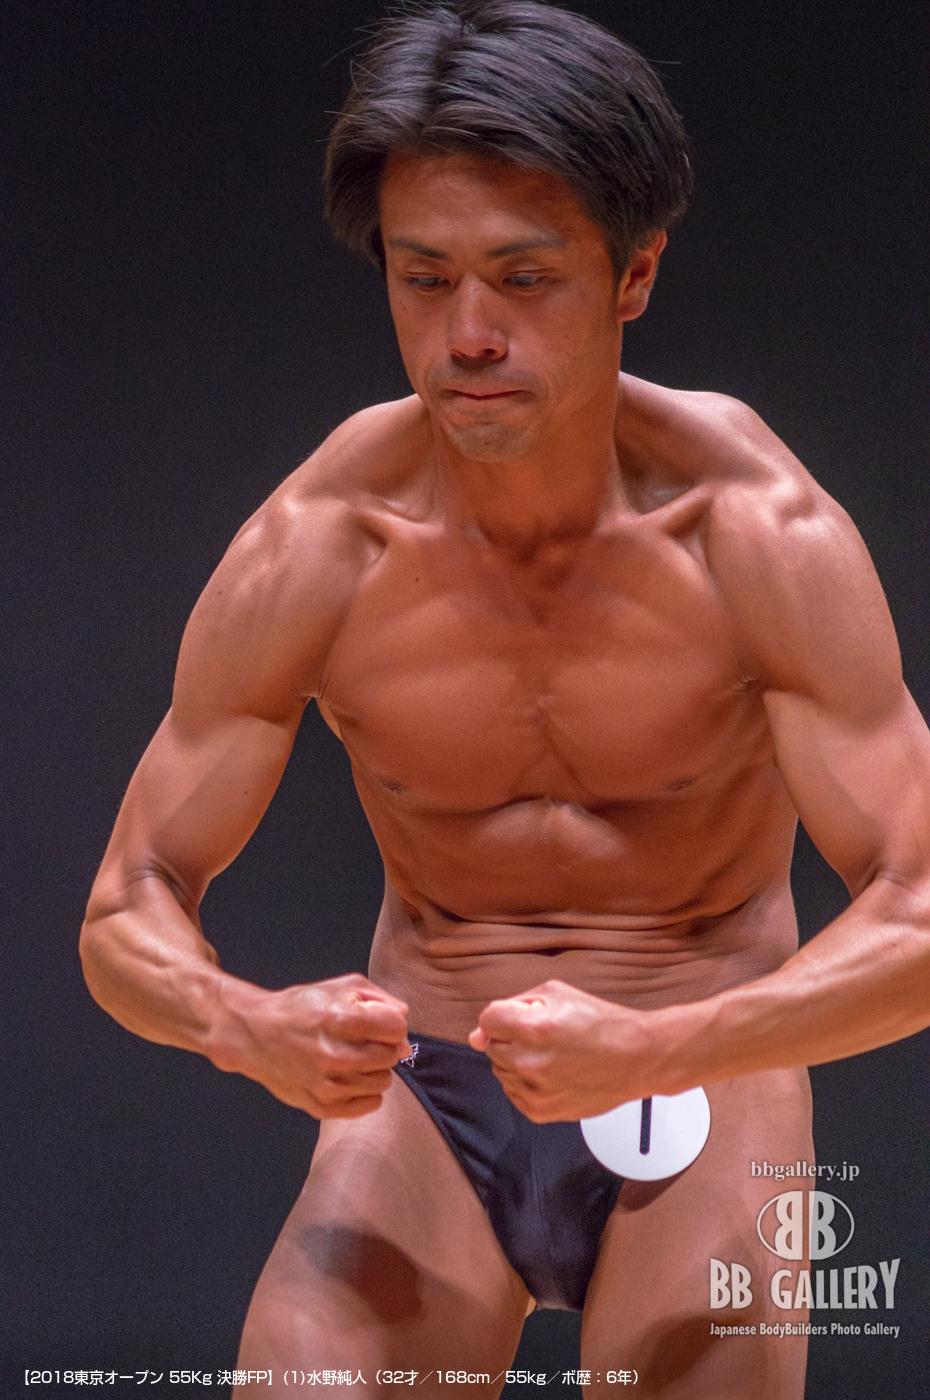 【2018東京オープン 55Kg 決勝FP】(1)水野純人(32才/168cm/55kg/ボ歴:6年)